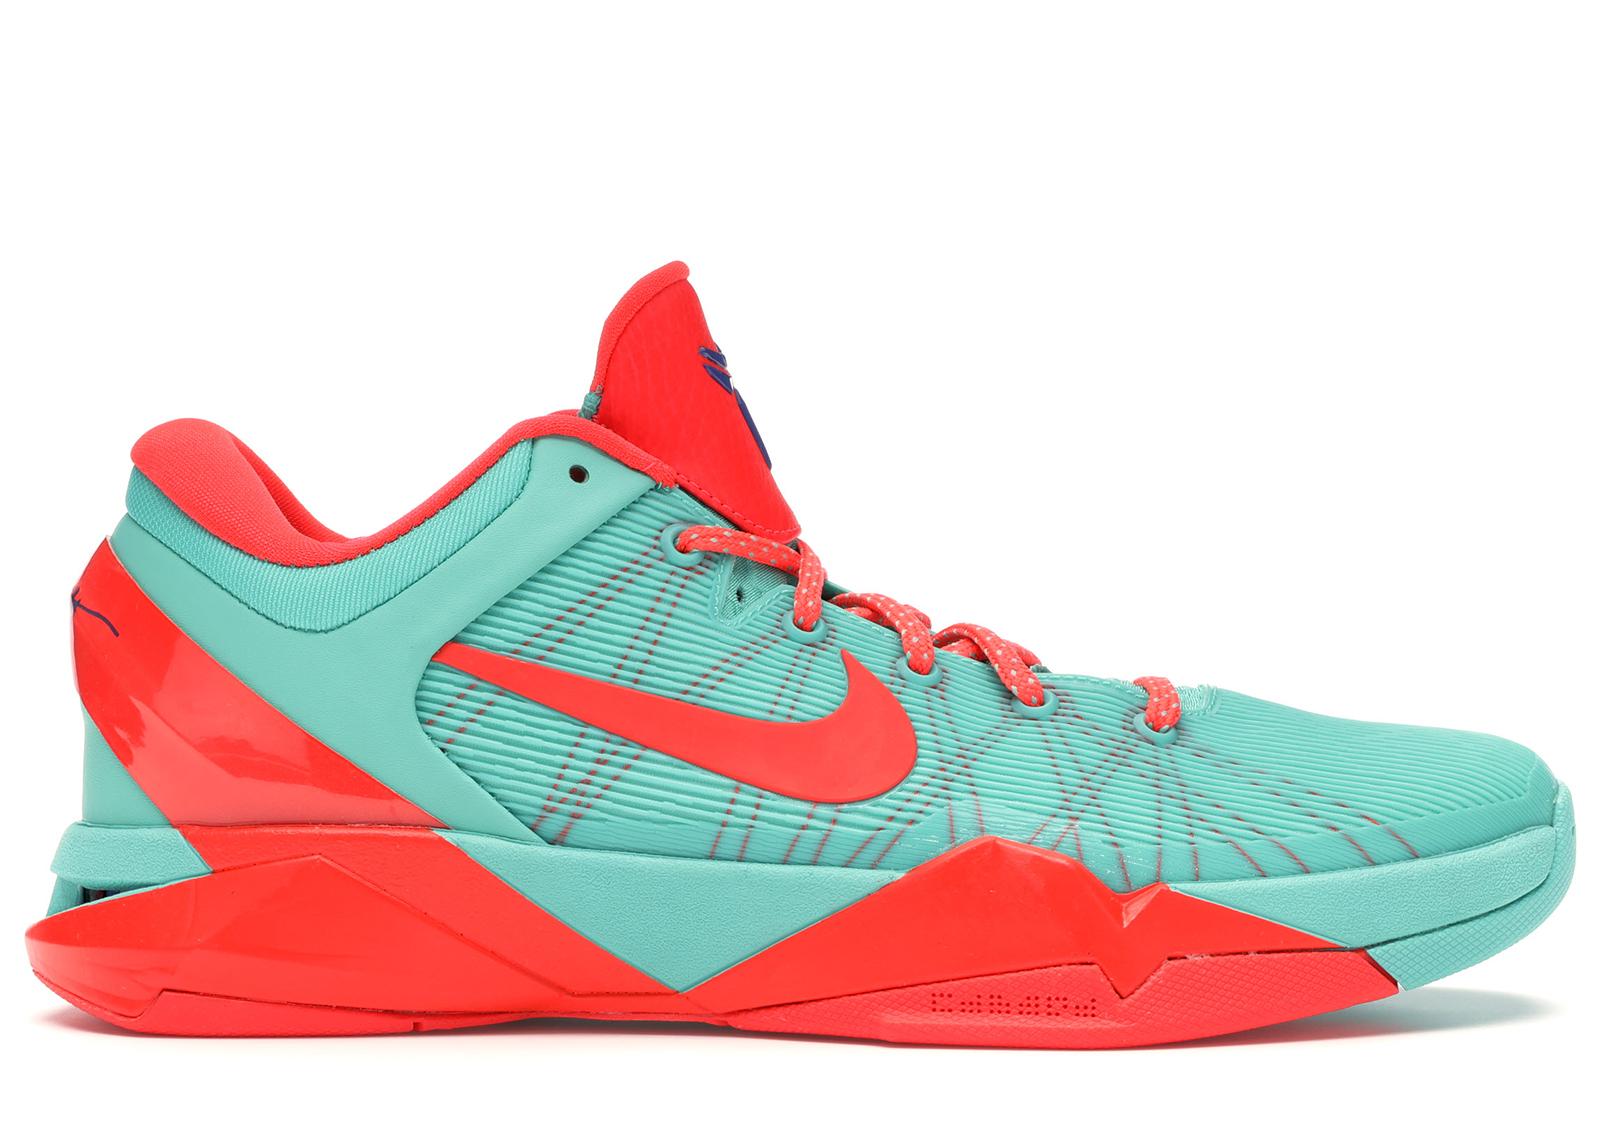 Nike Kobe 7 Barcelona (Home) - 488371-301